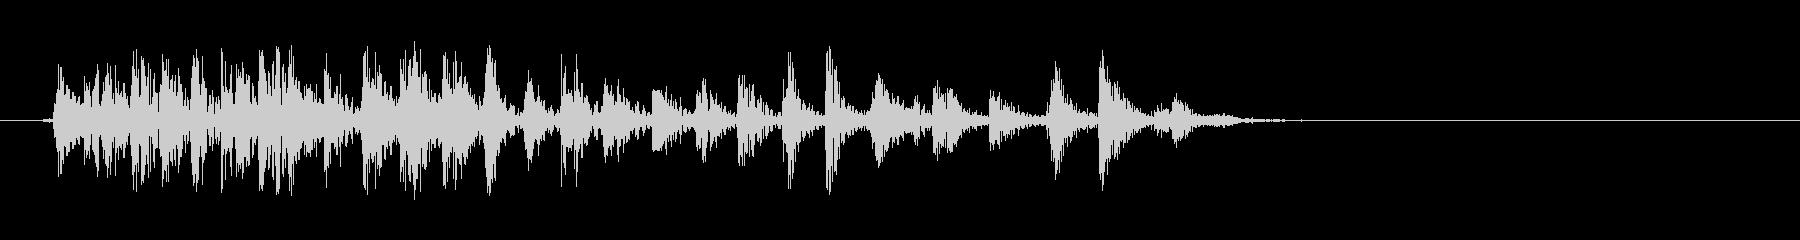 [生録音]ゲップ音02(ミドル)の未再生の波形